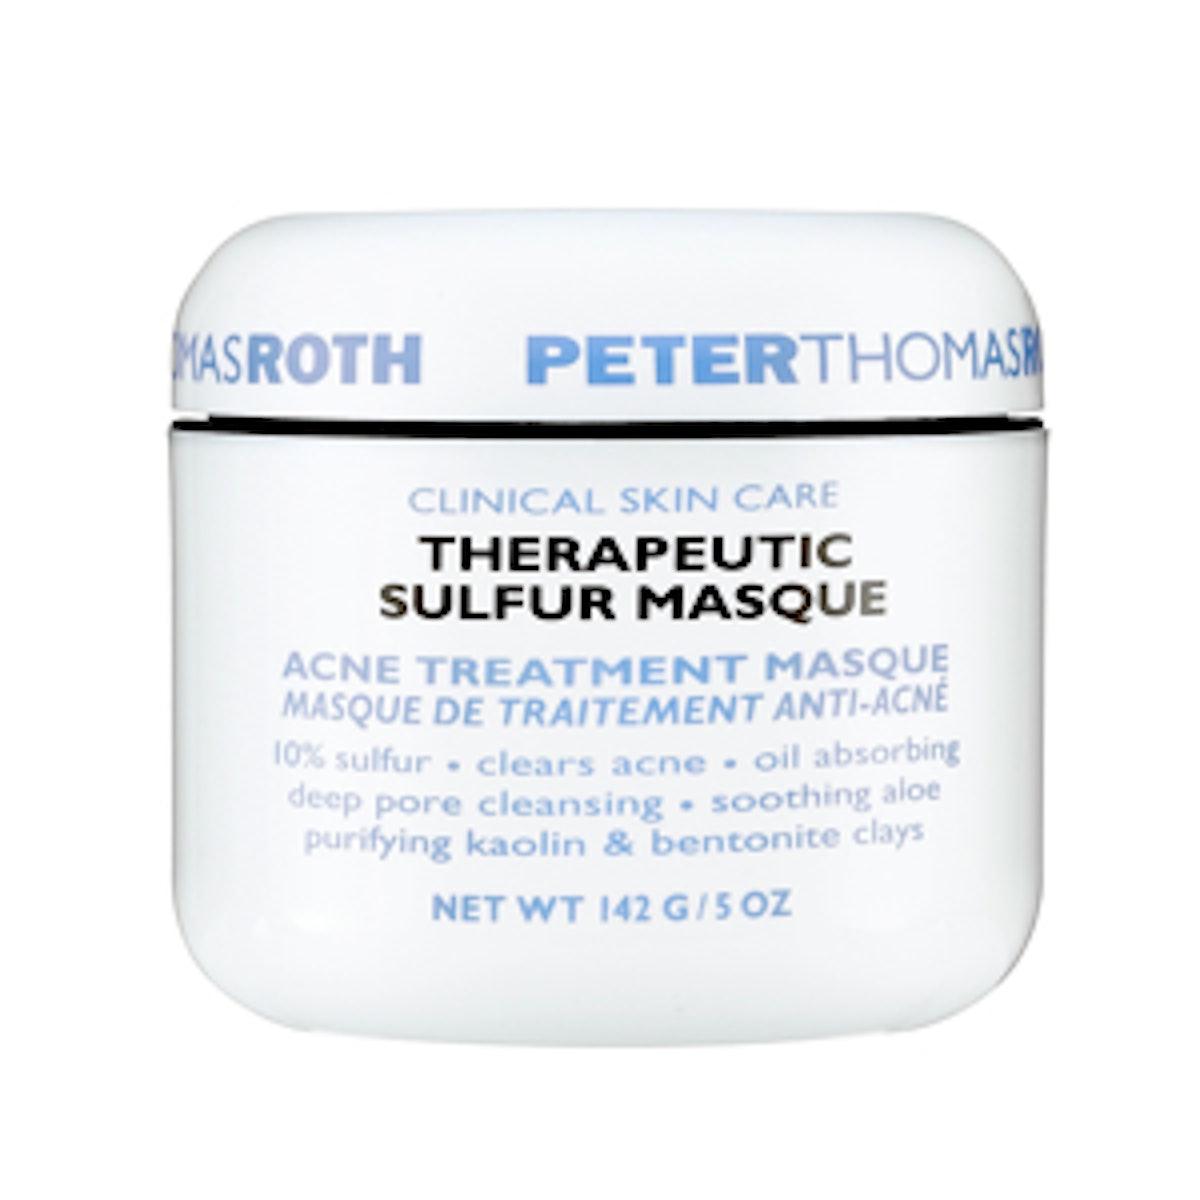 Therapeutic Sulfur Masque